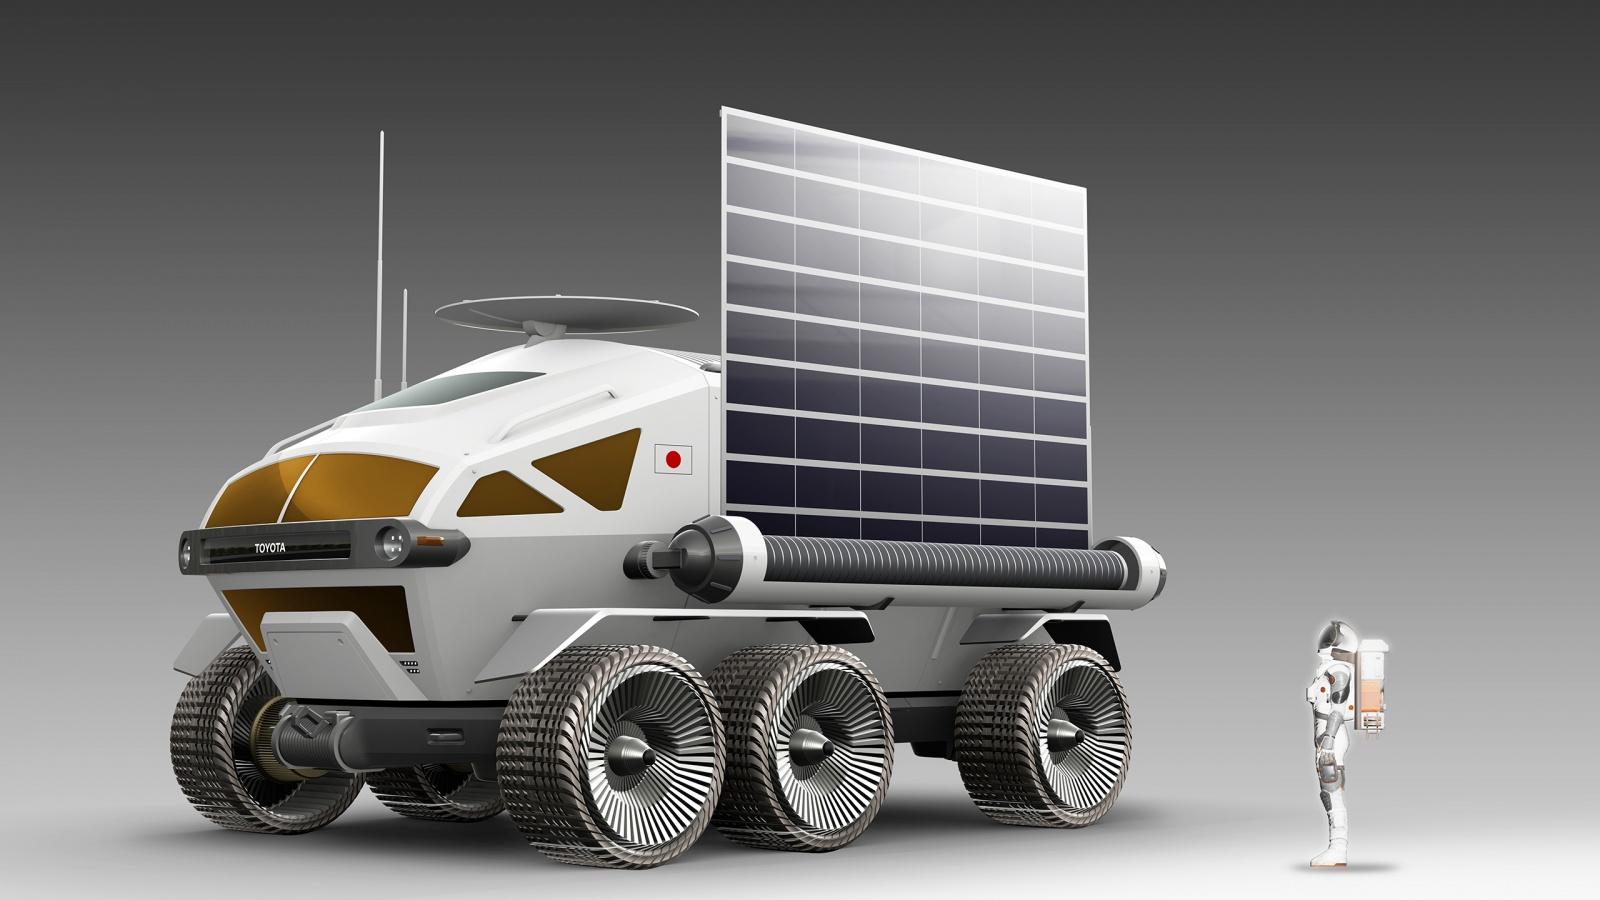 Тойота и JAXA в 2029 году планируют иметь пилотируемый ровер на Луне - 10